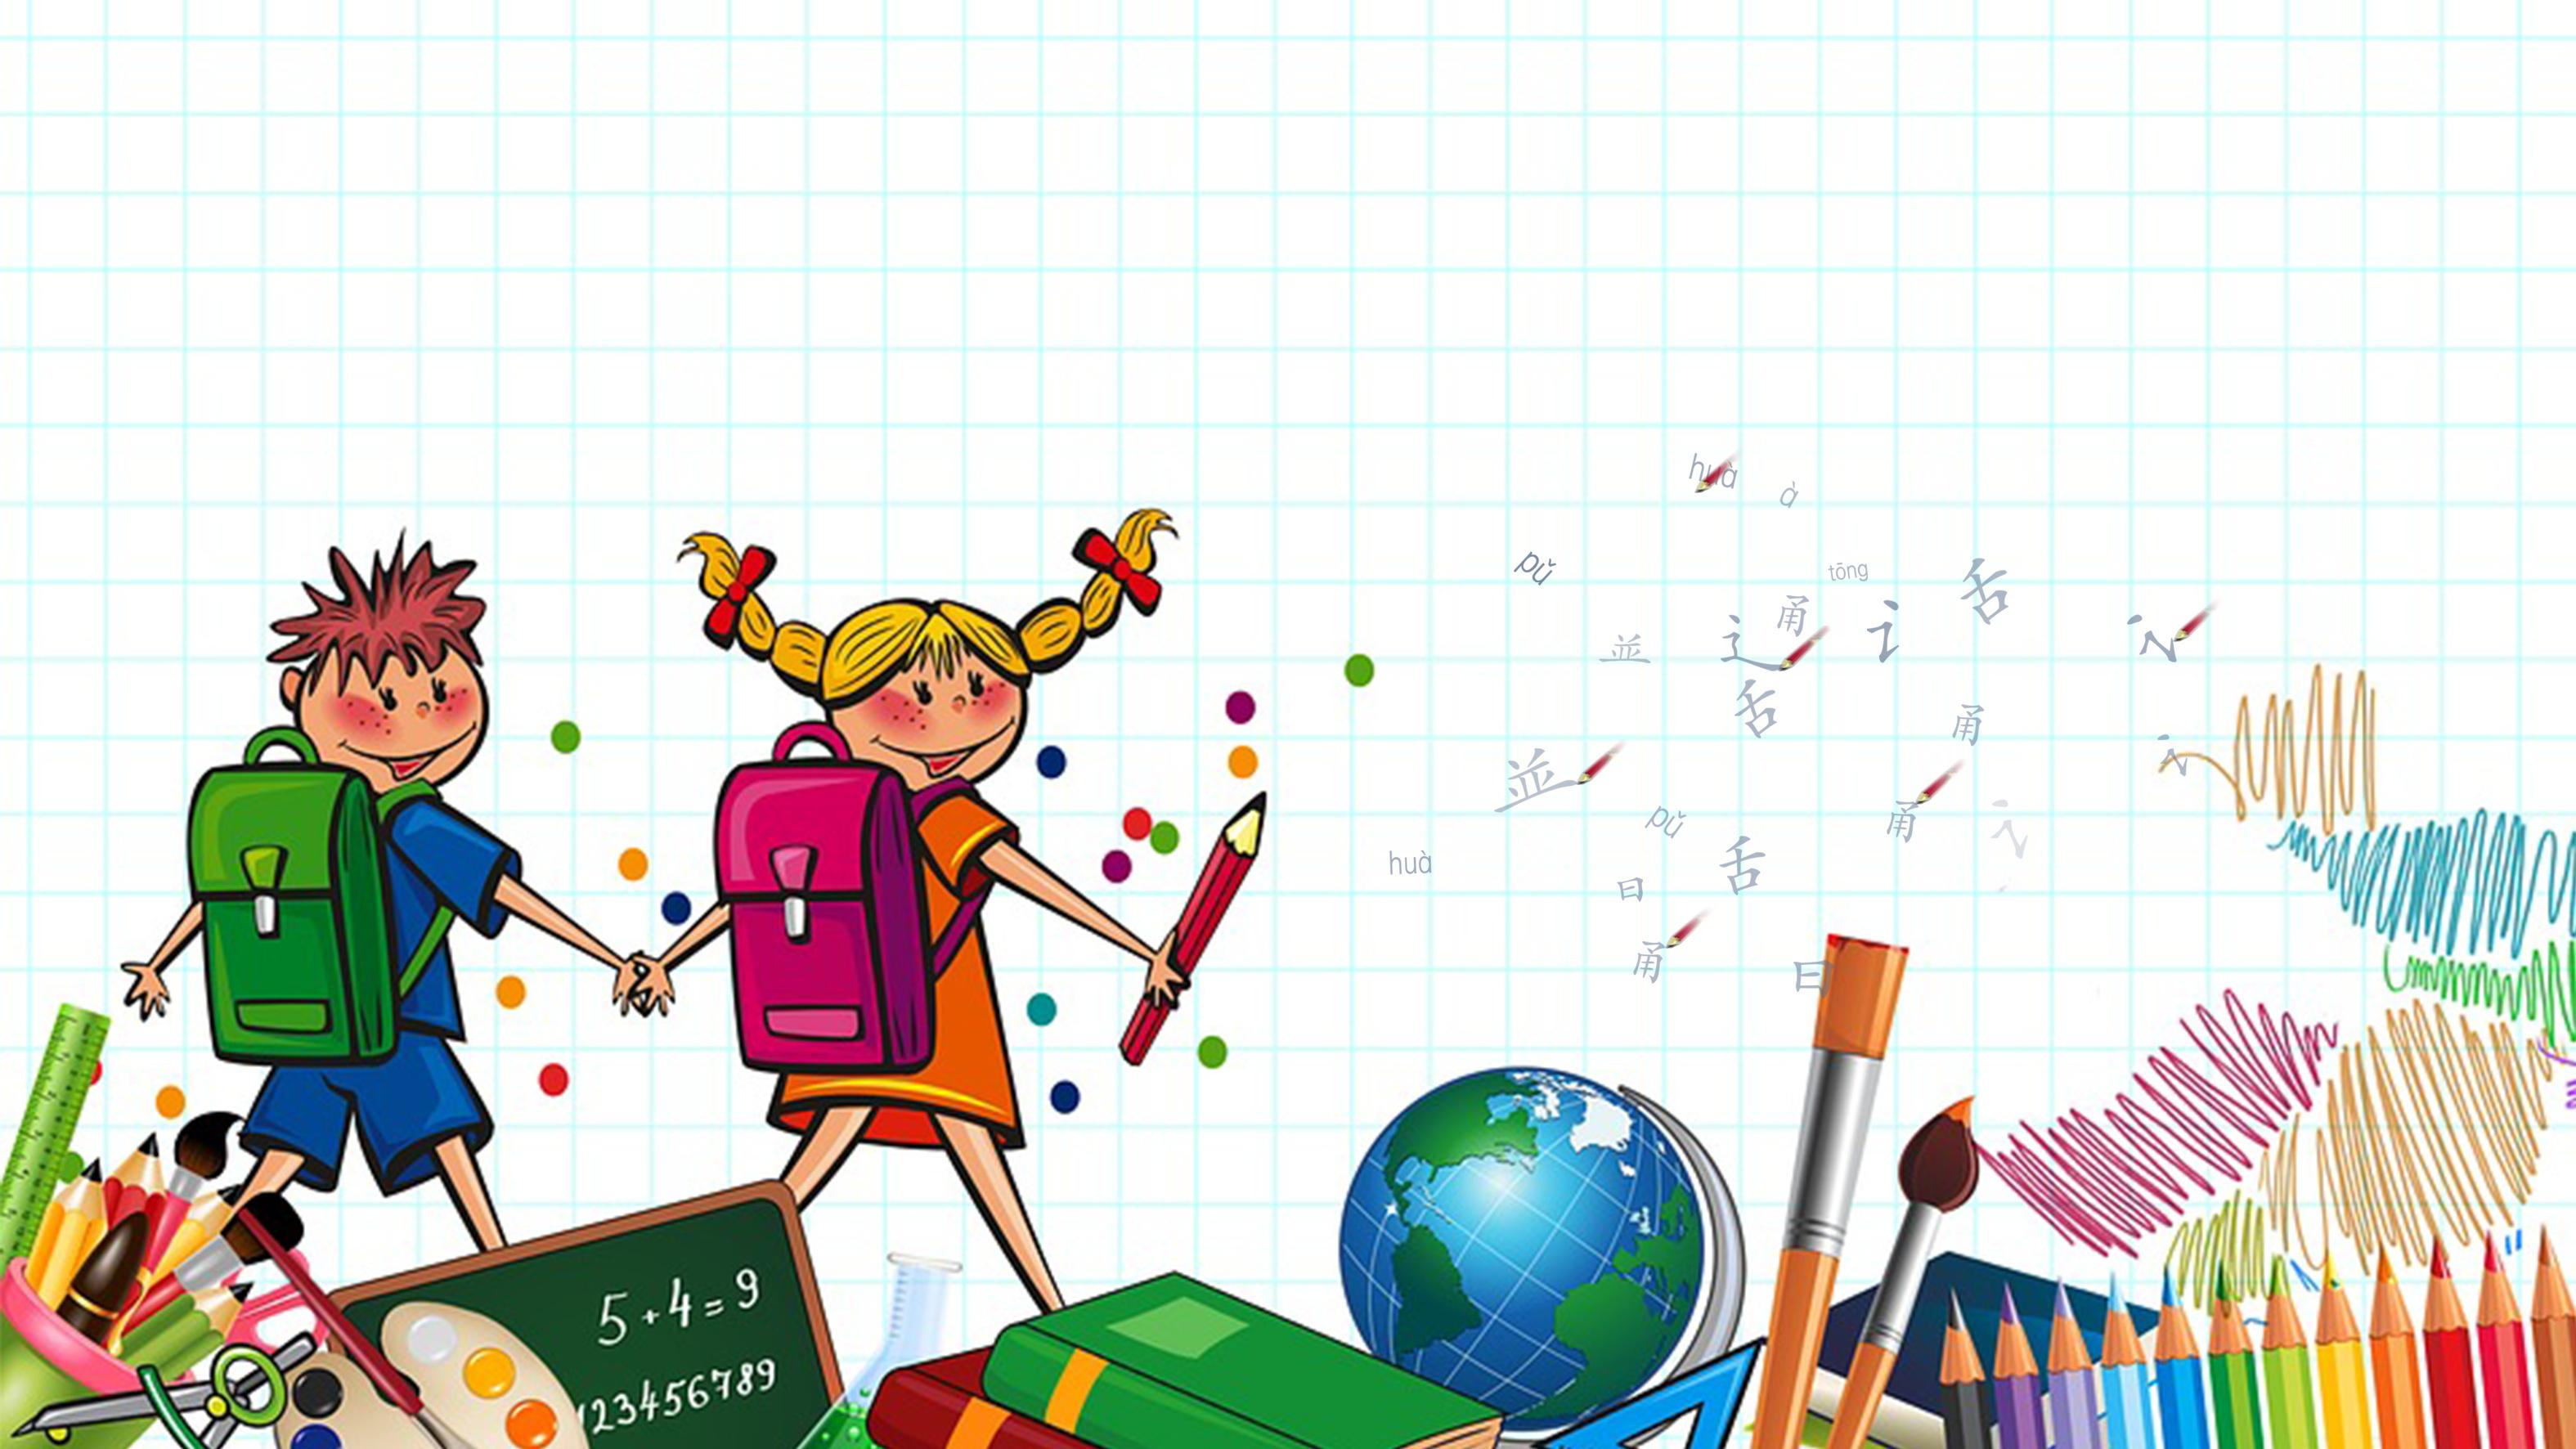 Школьная жизнь картинки для детей, картинки приколы